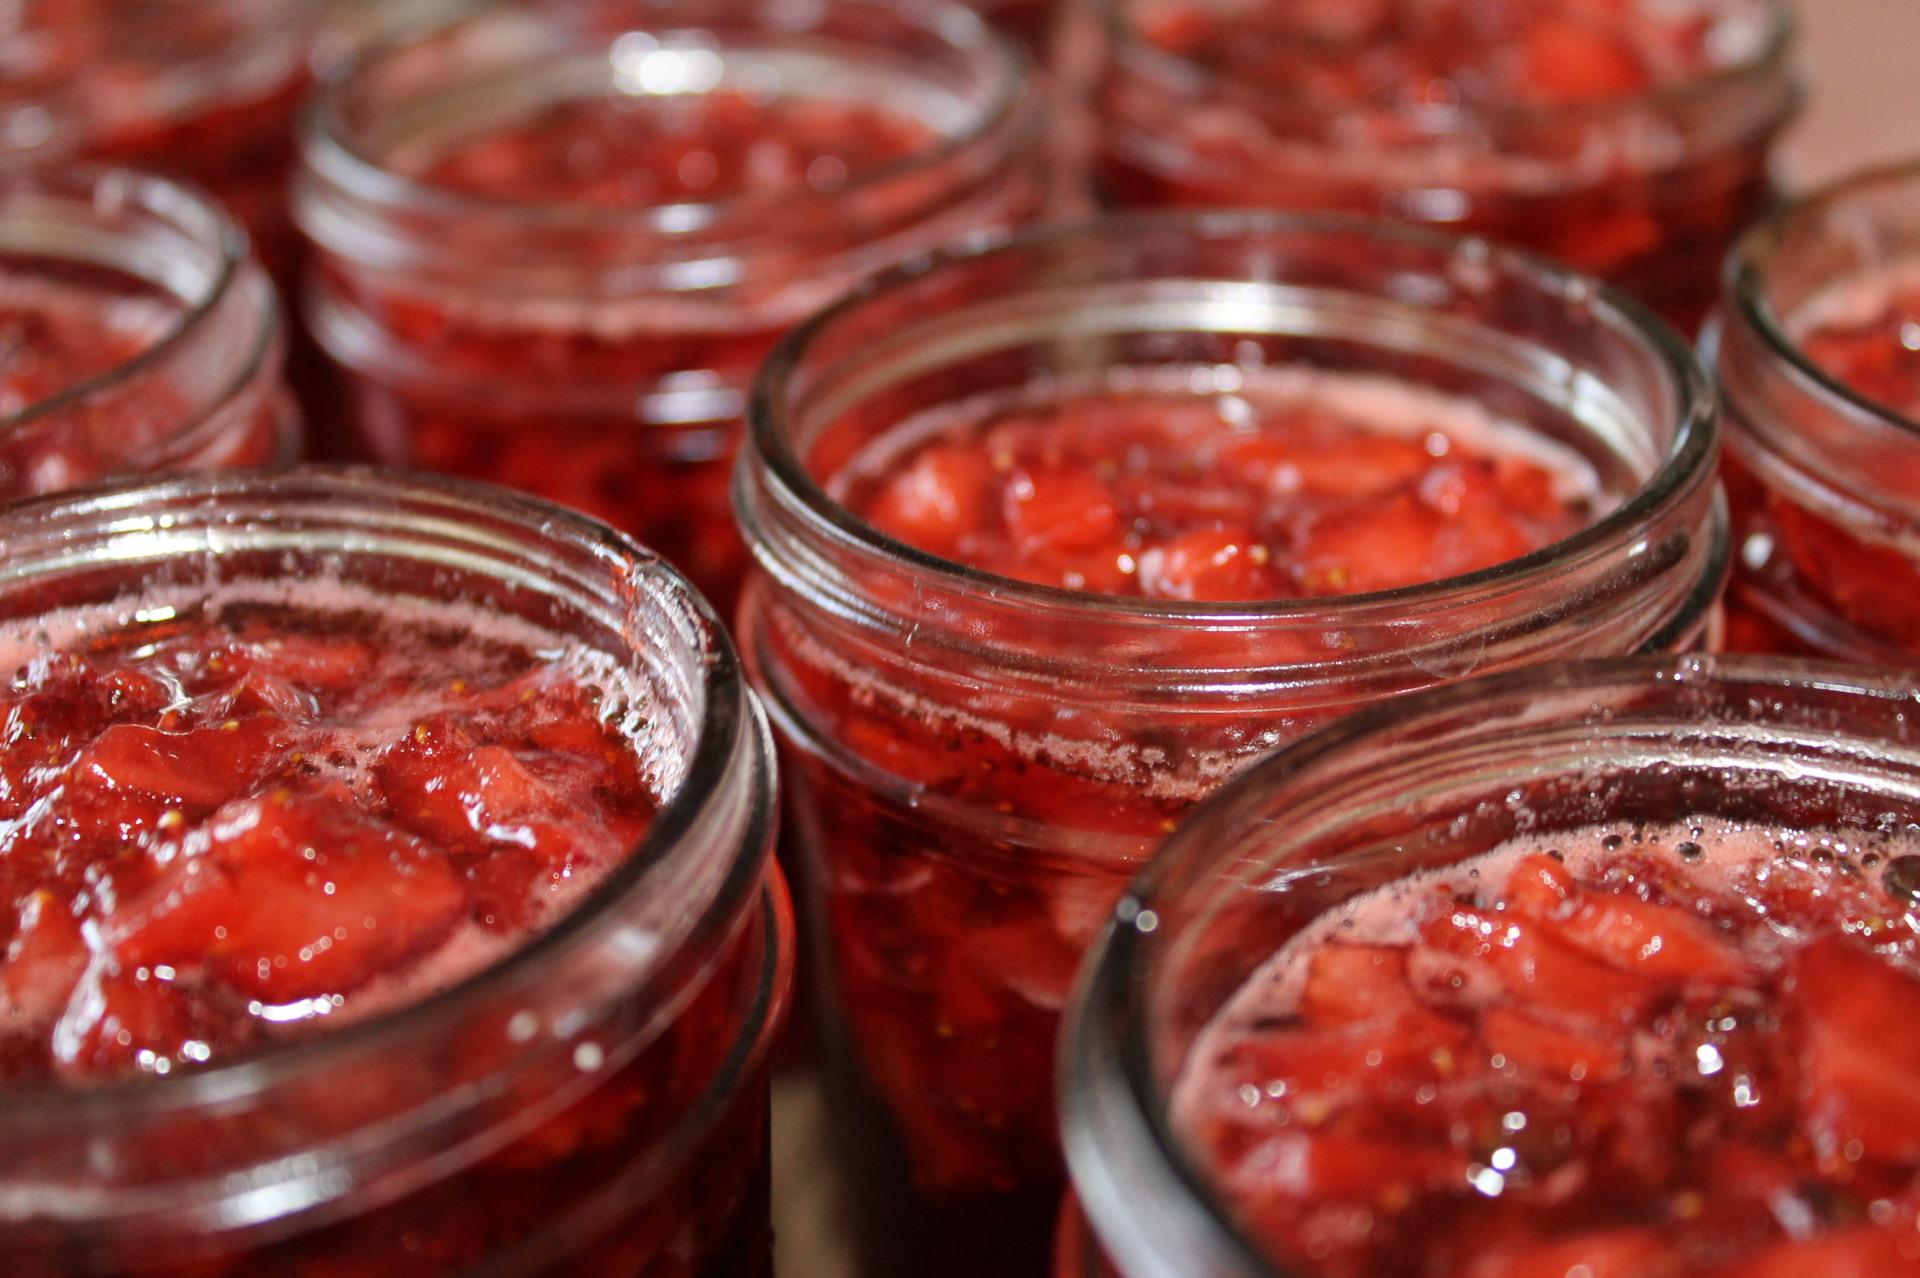 Homemade Jams and Salsas